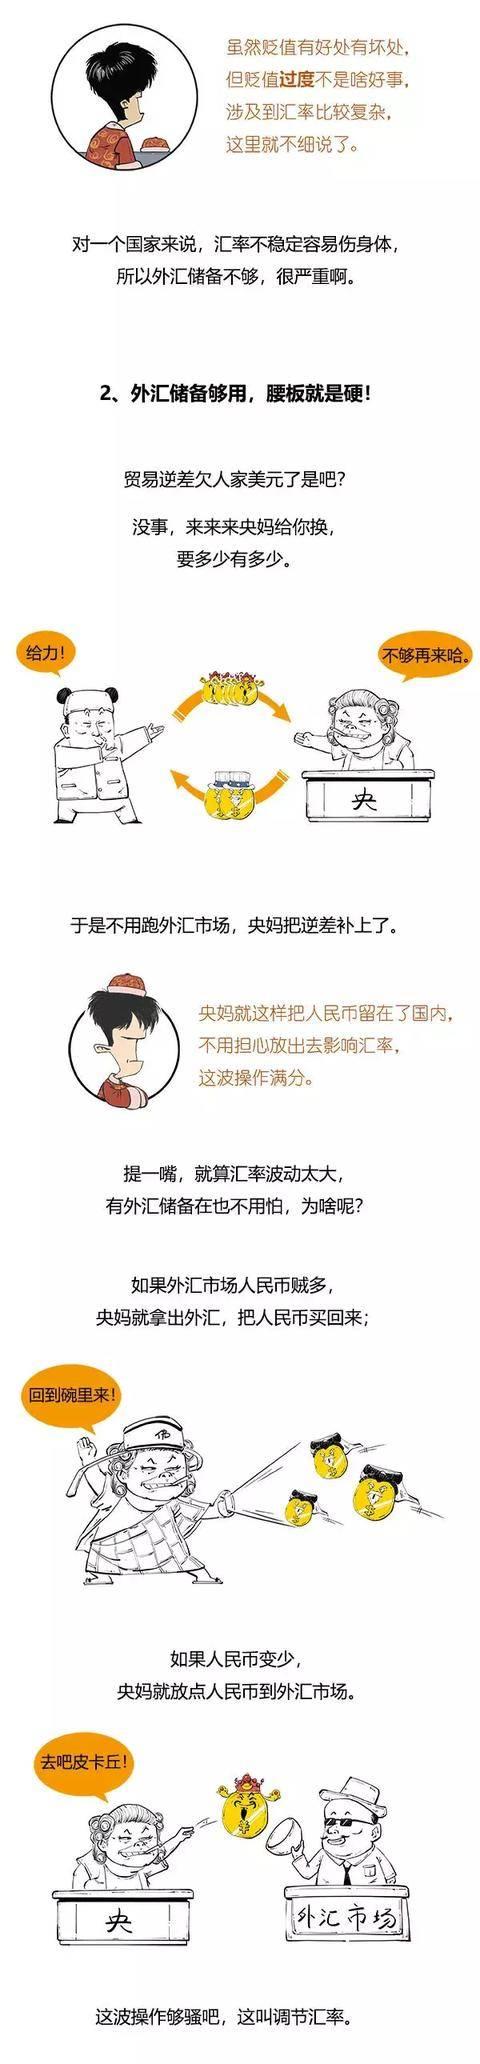 什么是外汇储备(外汇储备增加说明什么)插图(5)